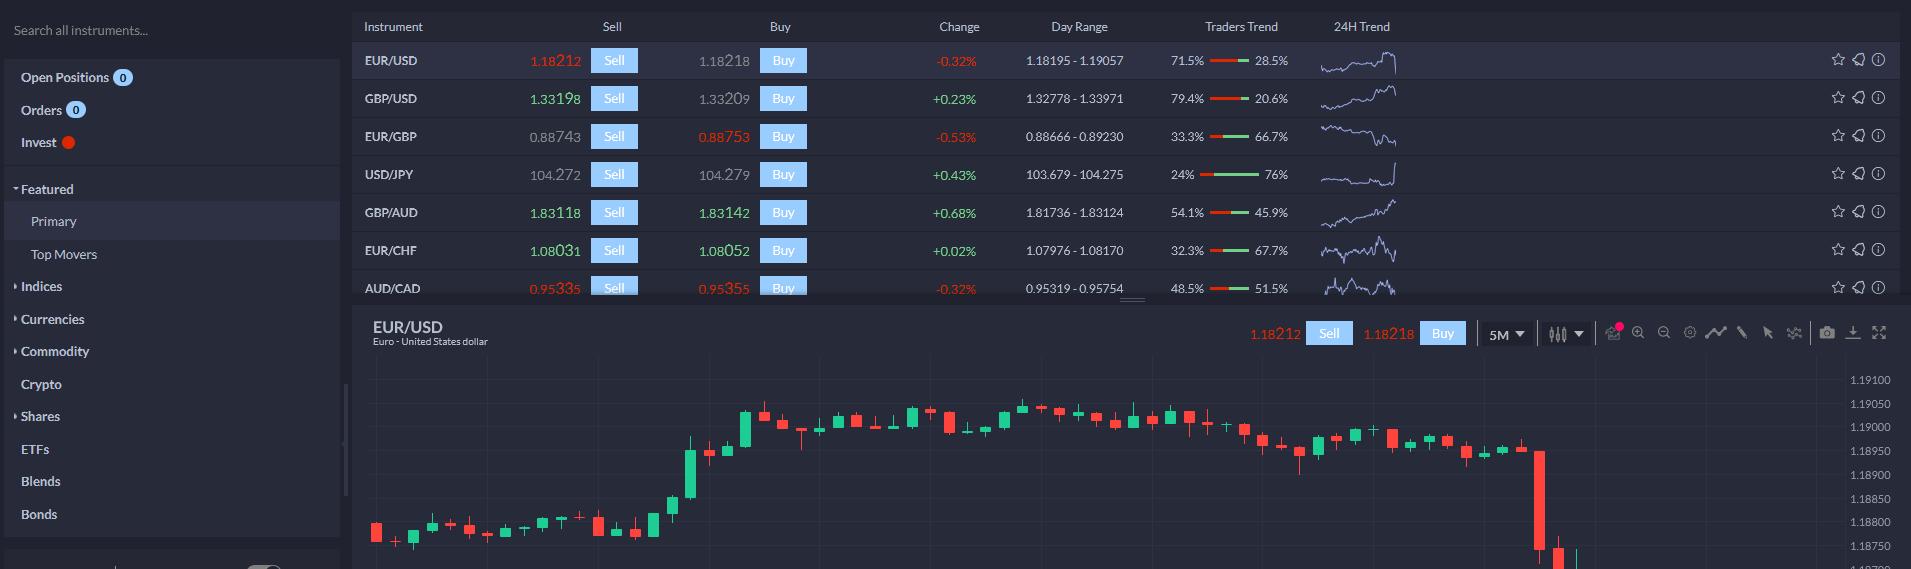 watchlist-markets-com-2